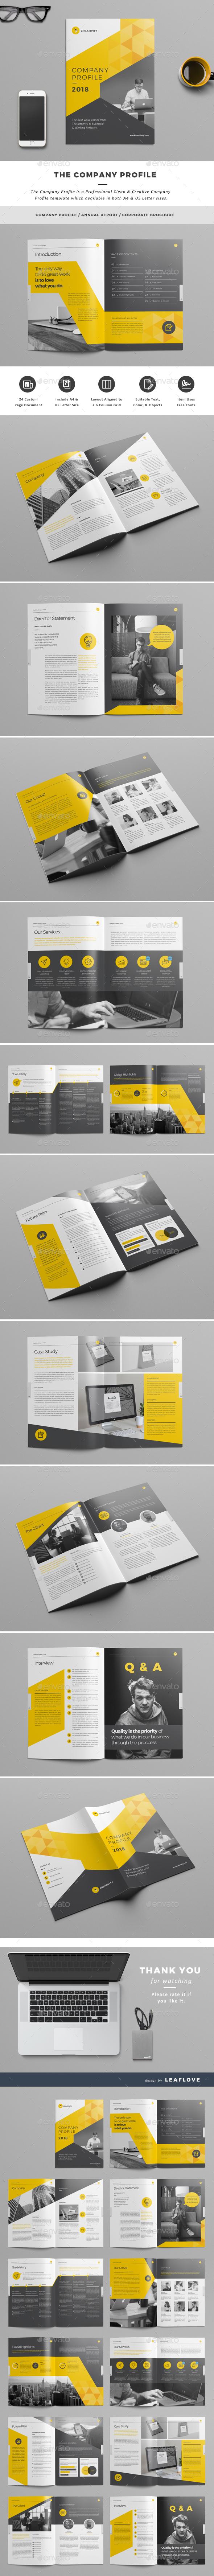 Graphicriver | The Company Profile Free Download free download Graphicriver | The Company Profile Free Download nulled Graphicriver | The Company Profile Free Download